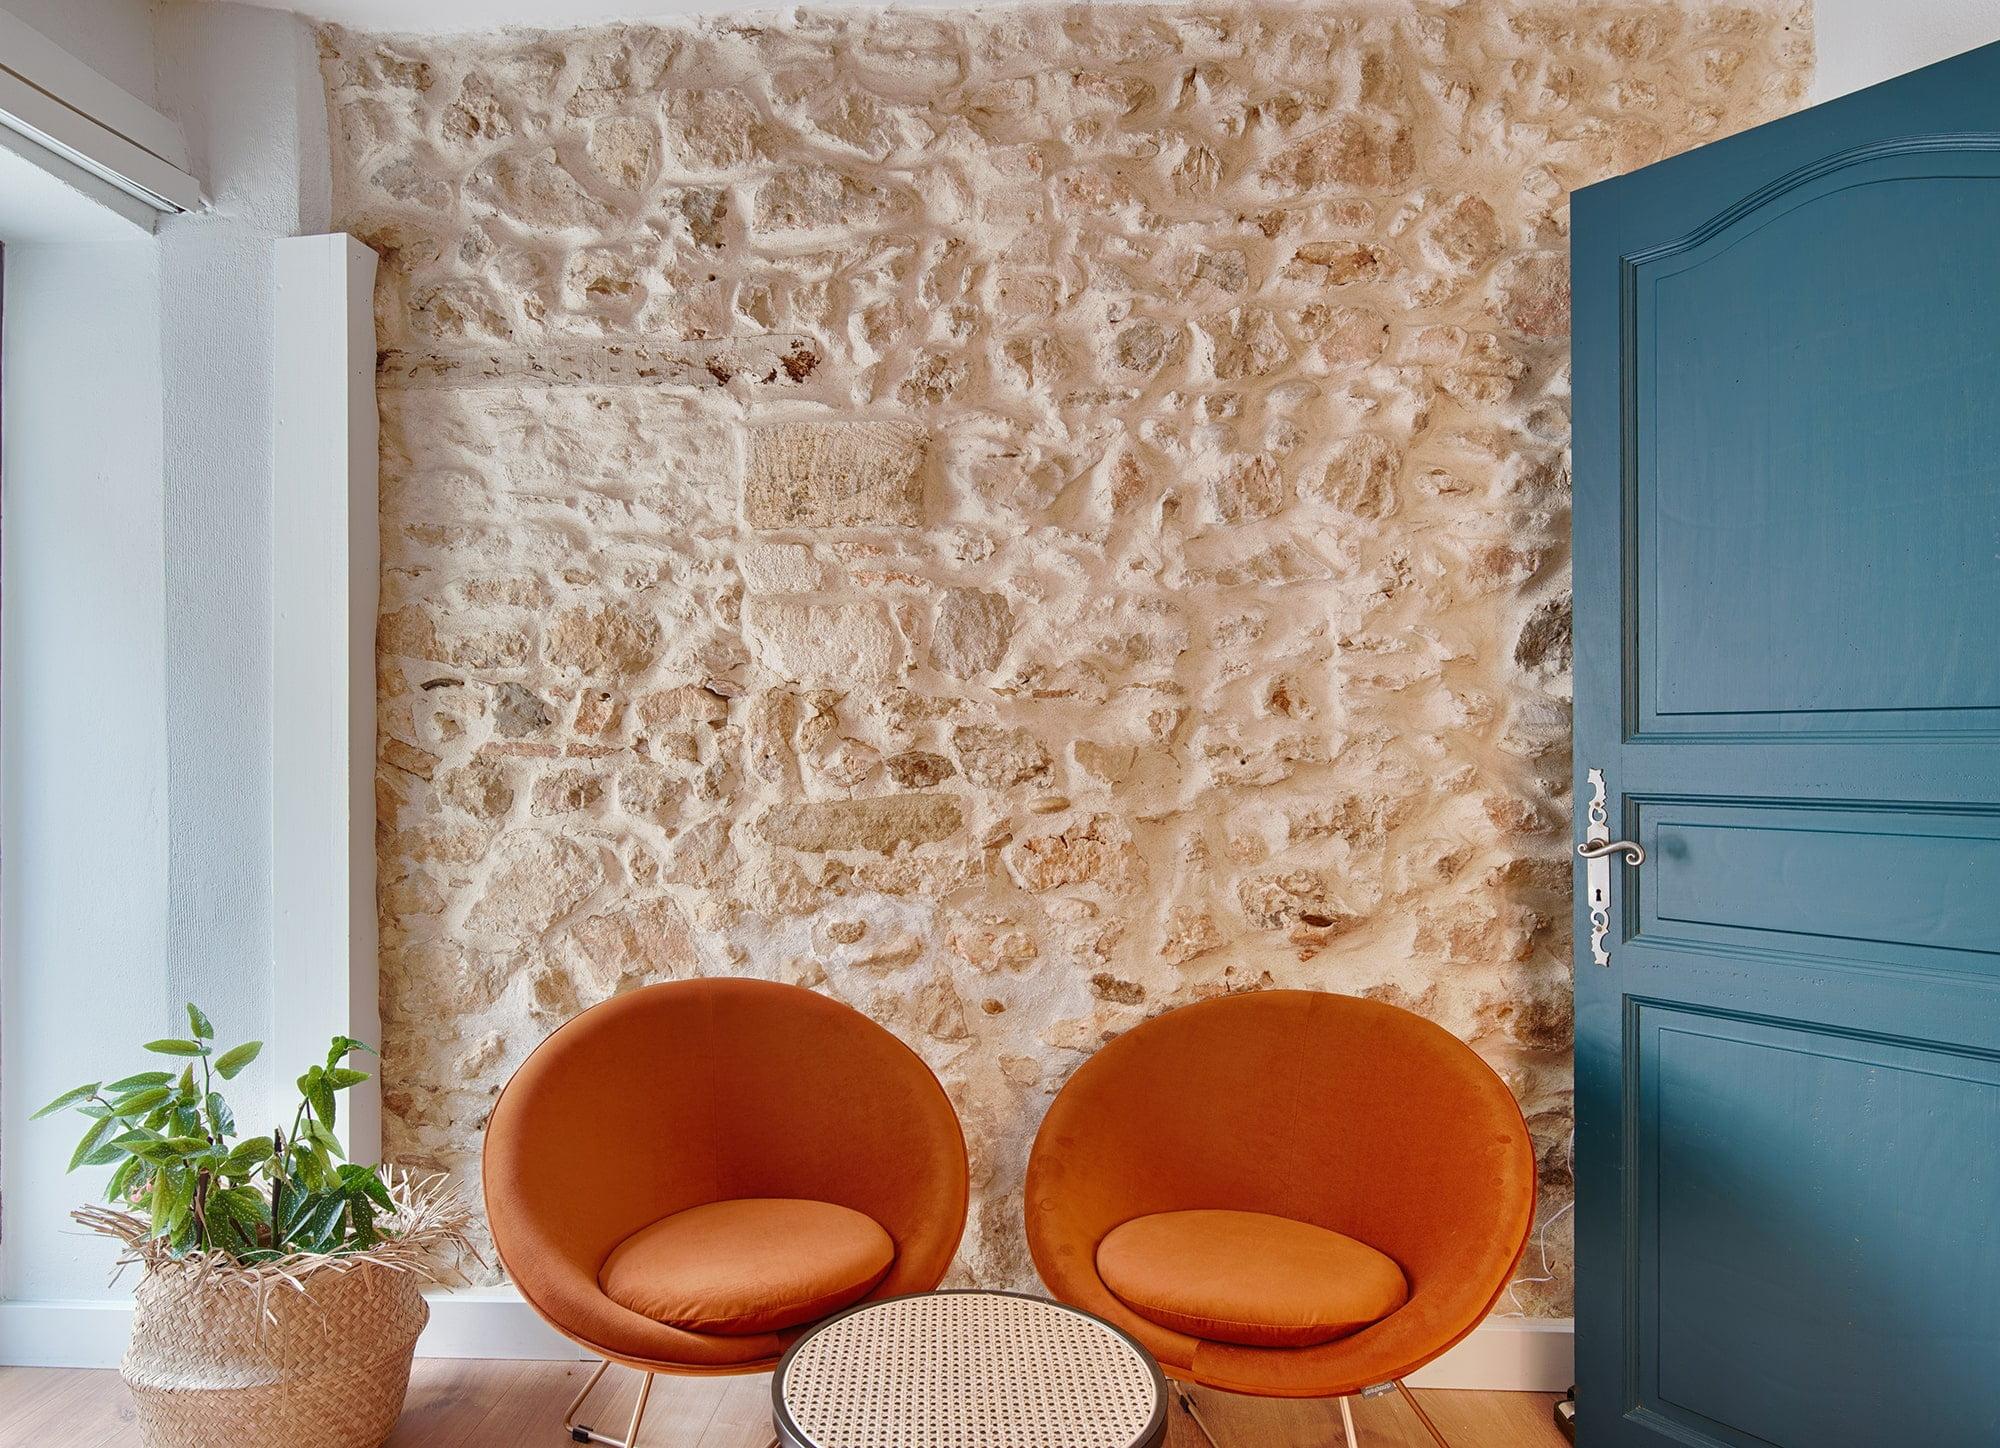 Décoration d'une agence immobiilière à Rochefort-du-Gard, par Kty.L Décoratrice, UFDI, Gard et Vaucluse : coin salon